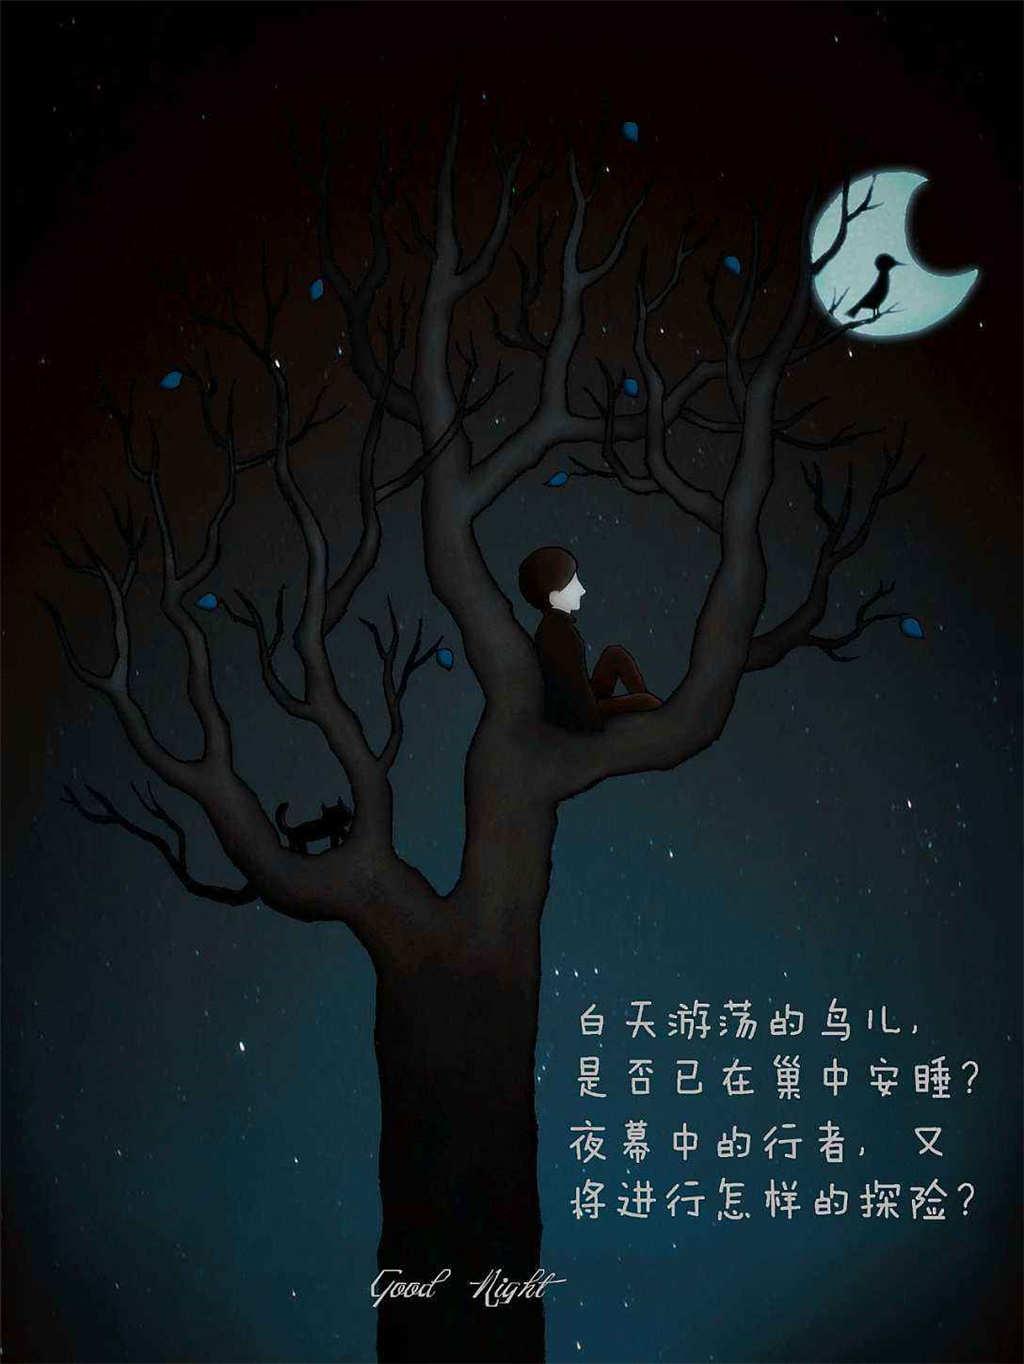 希望有一天我们不是互道晚安